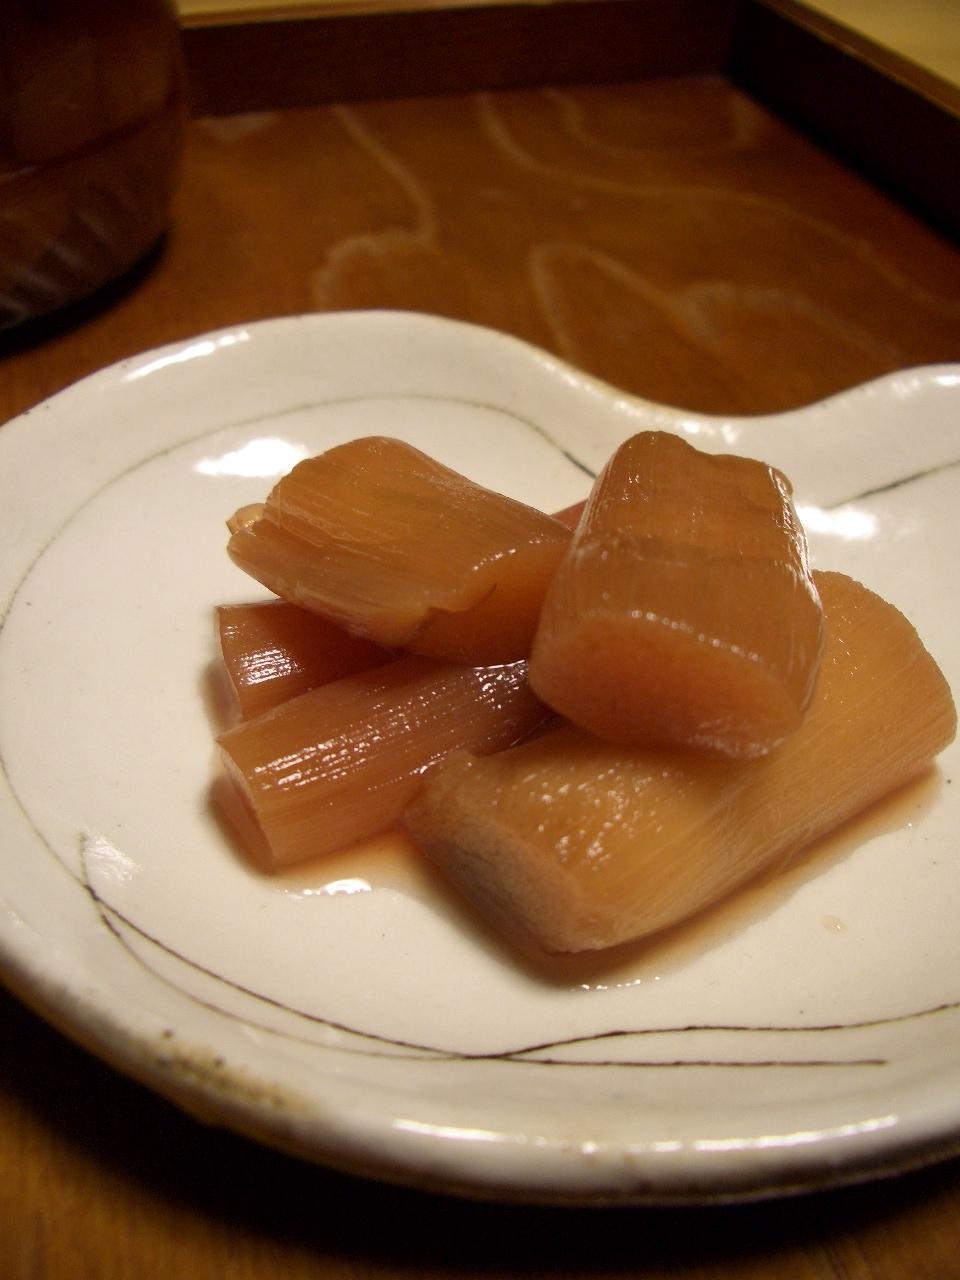 ずいきのリンゴ甘酢漬け_d0134753_22175673.jpg